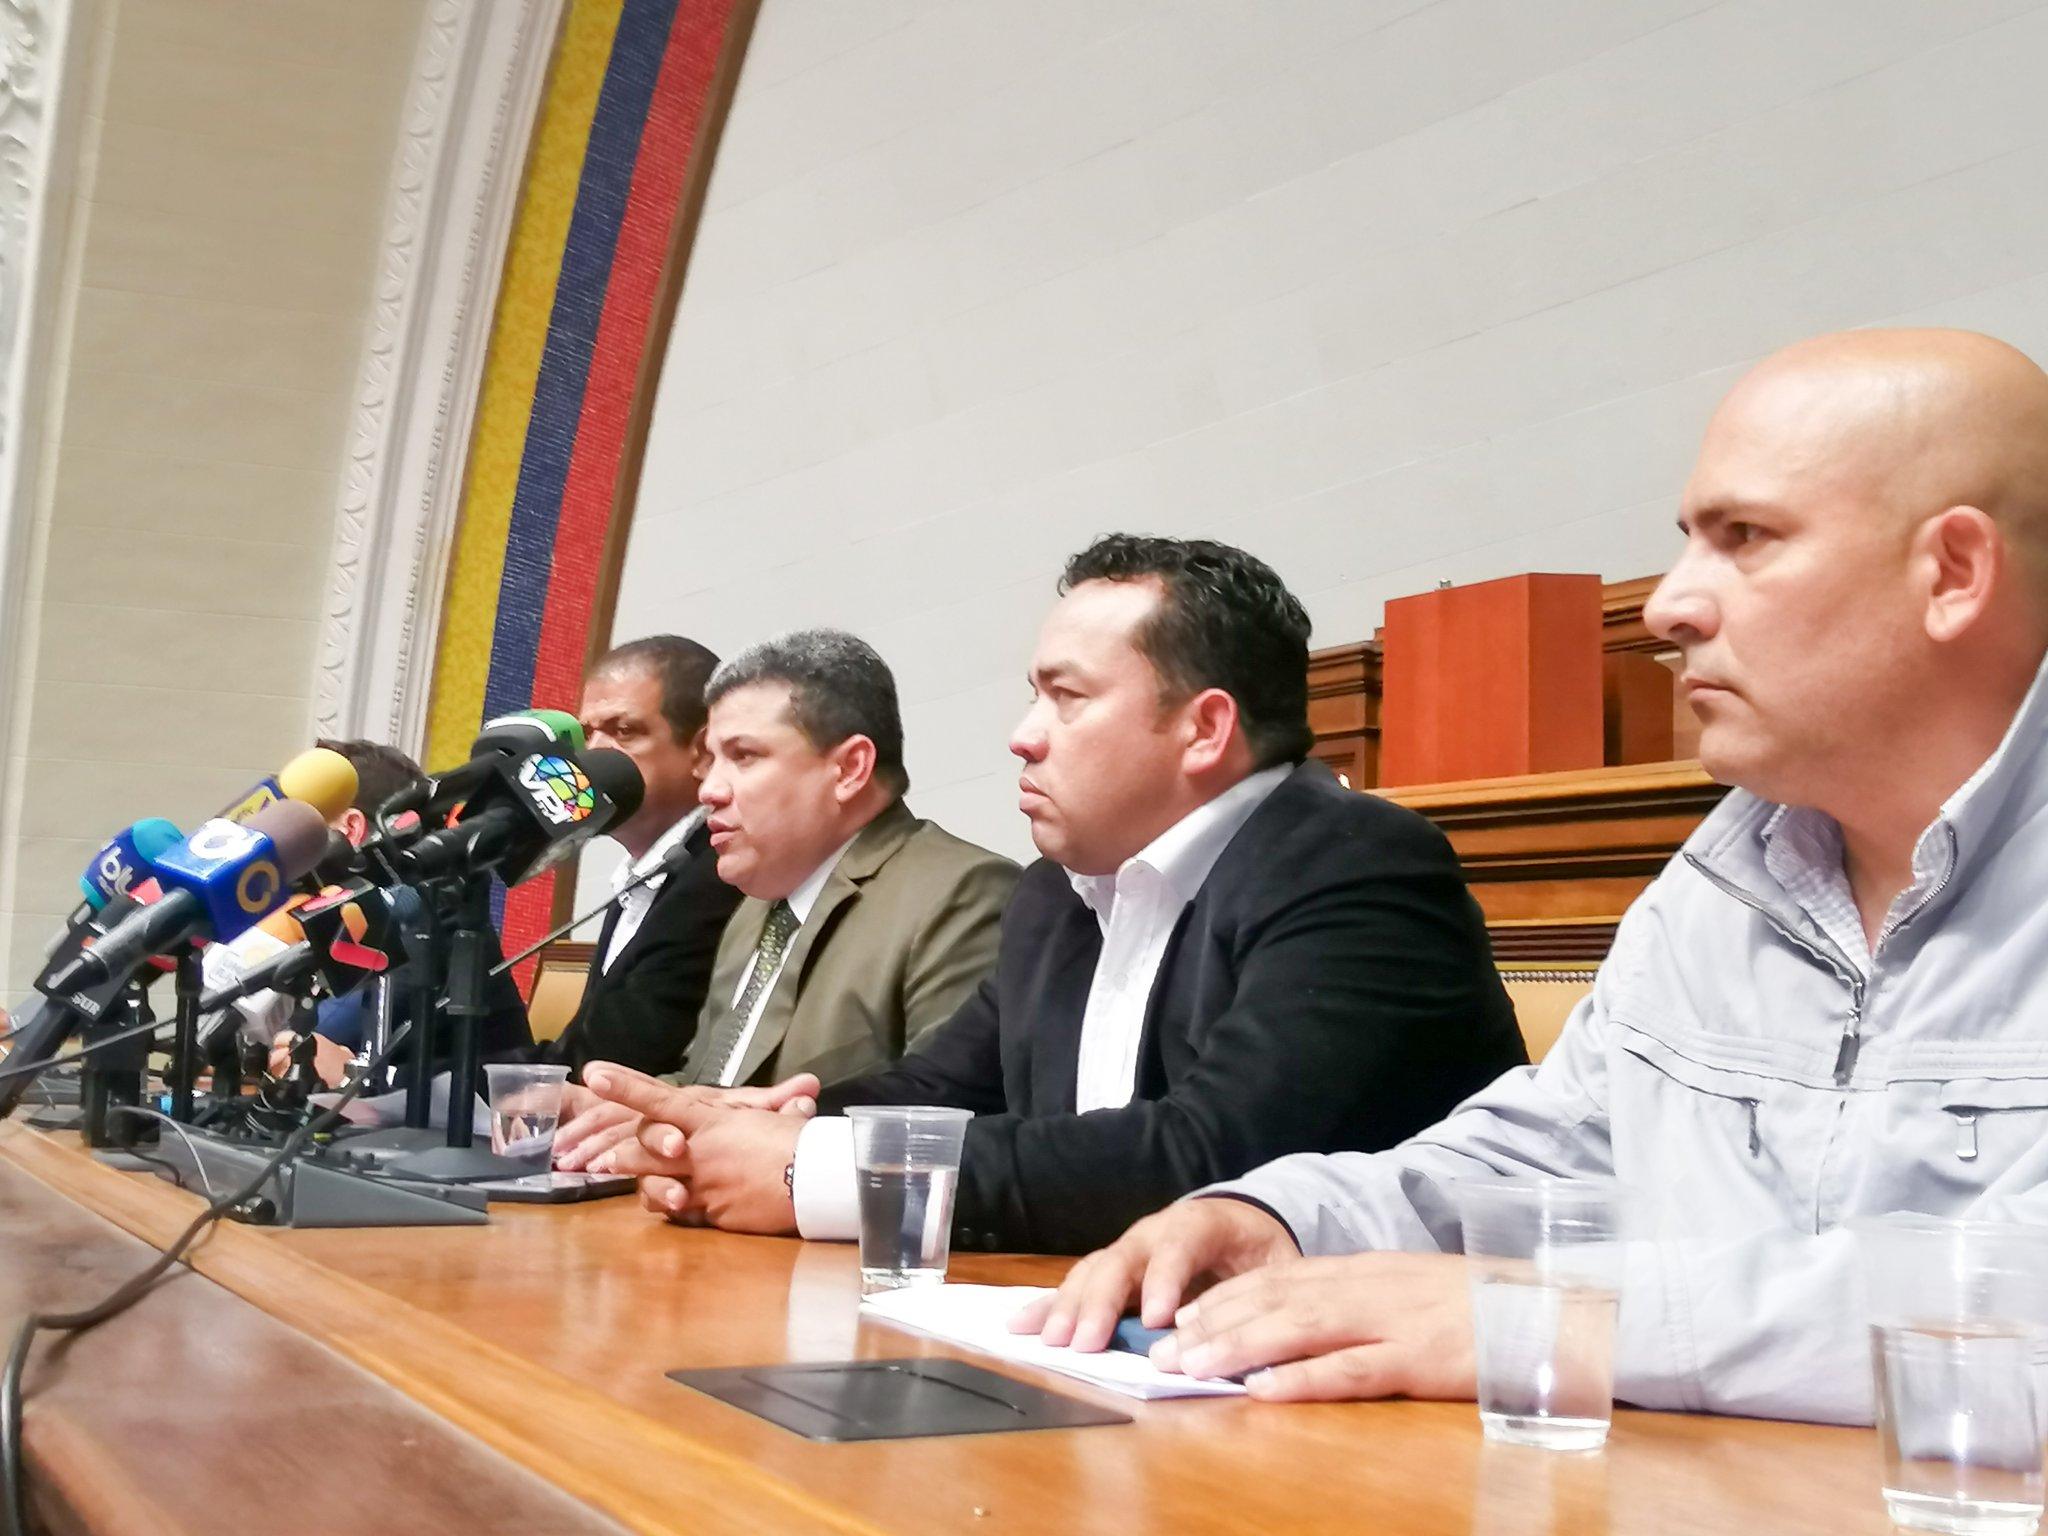 La farsa de Nicolás Maduro llega a los puestos de decisión de la UE / Twitter: @LuisEParra78